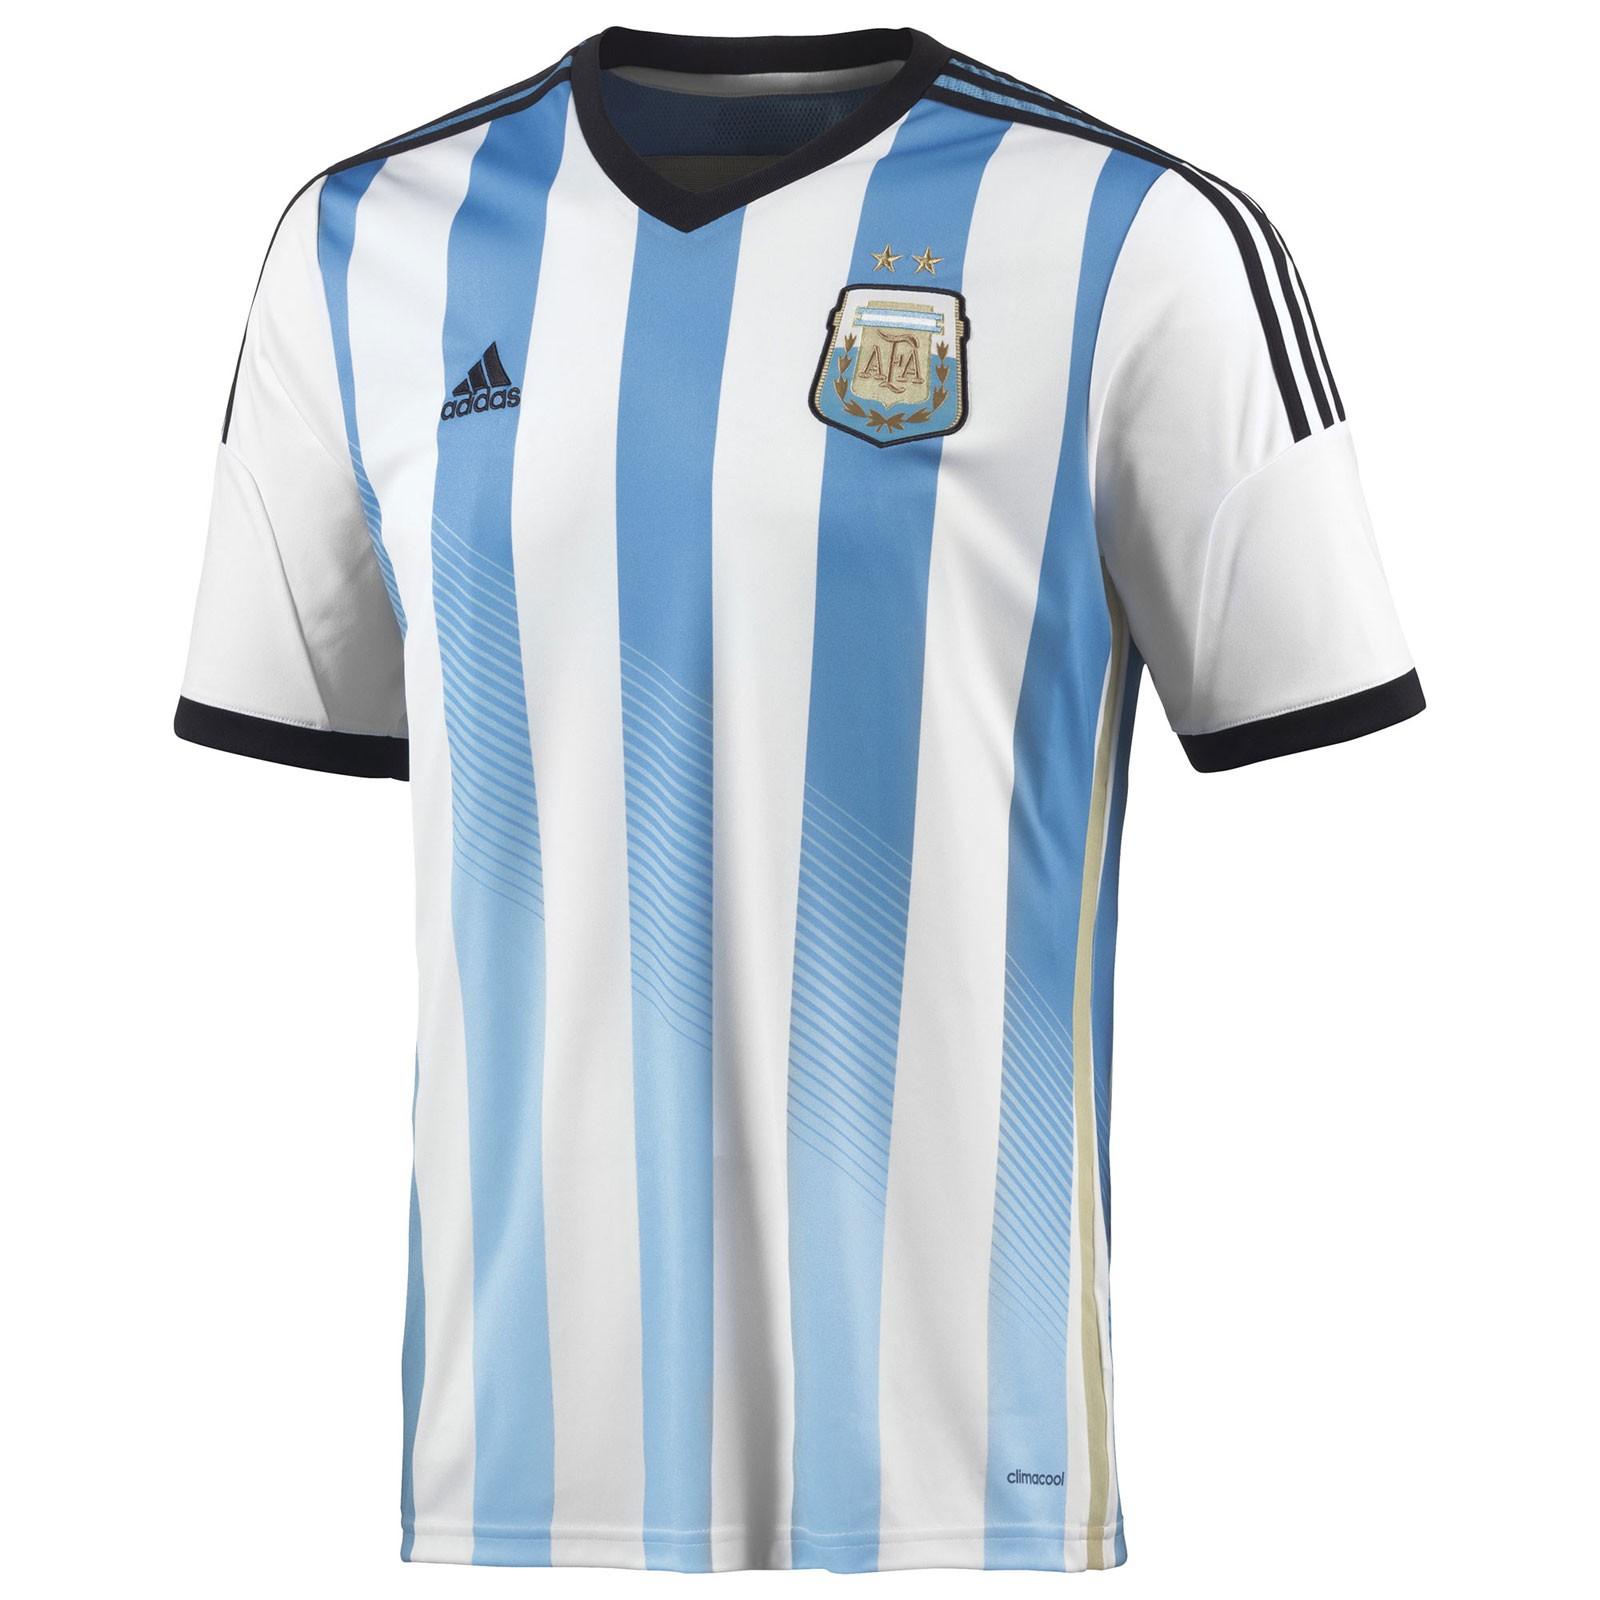 阿根廷国家队2014世界杯球迷版主场球衣